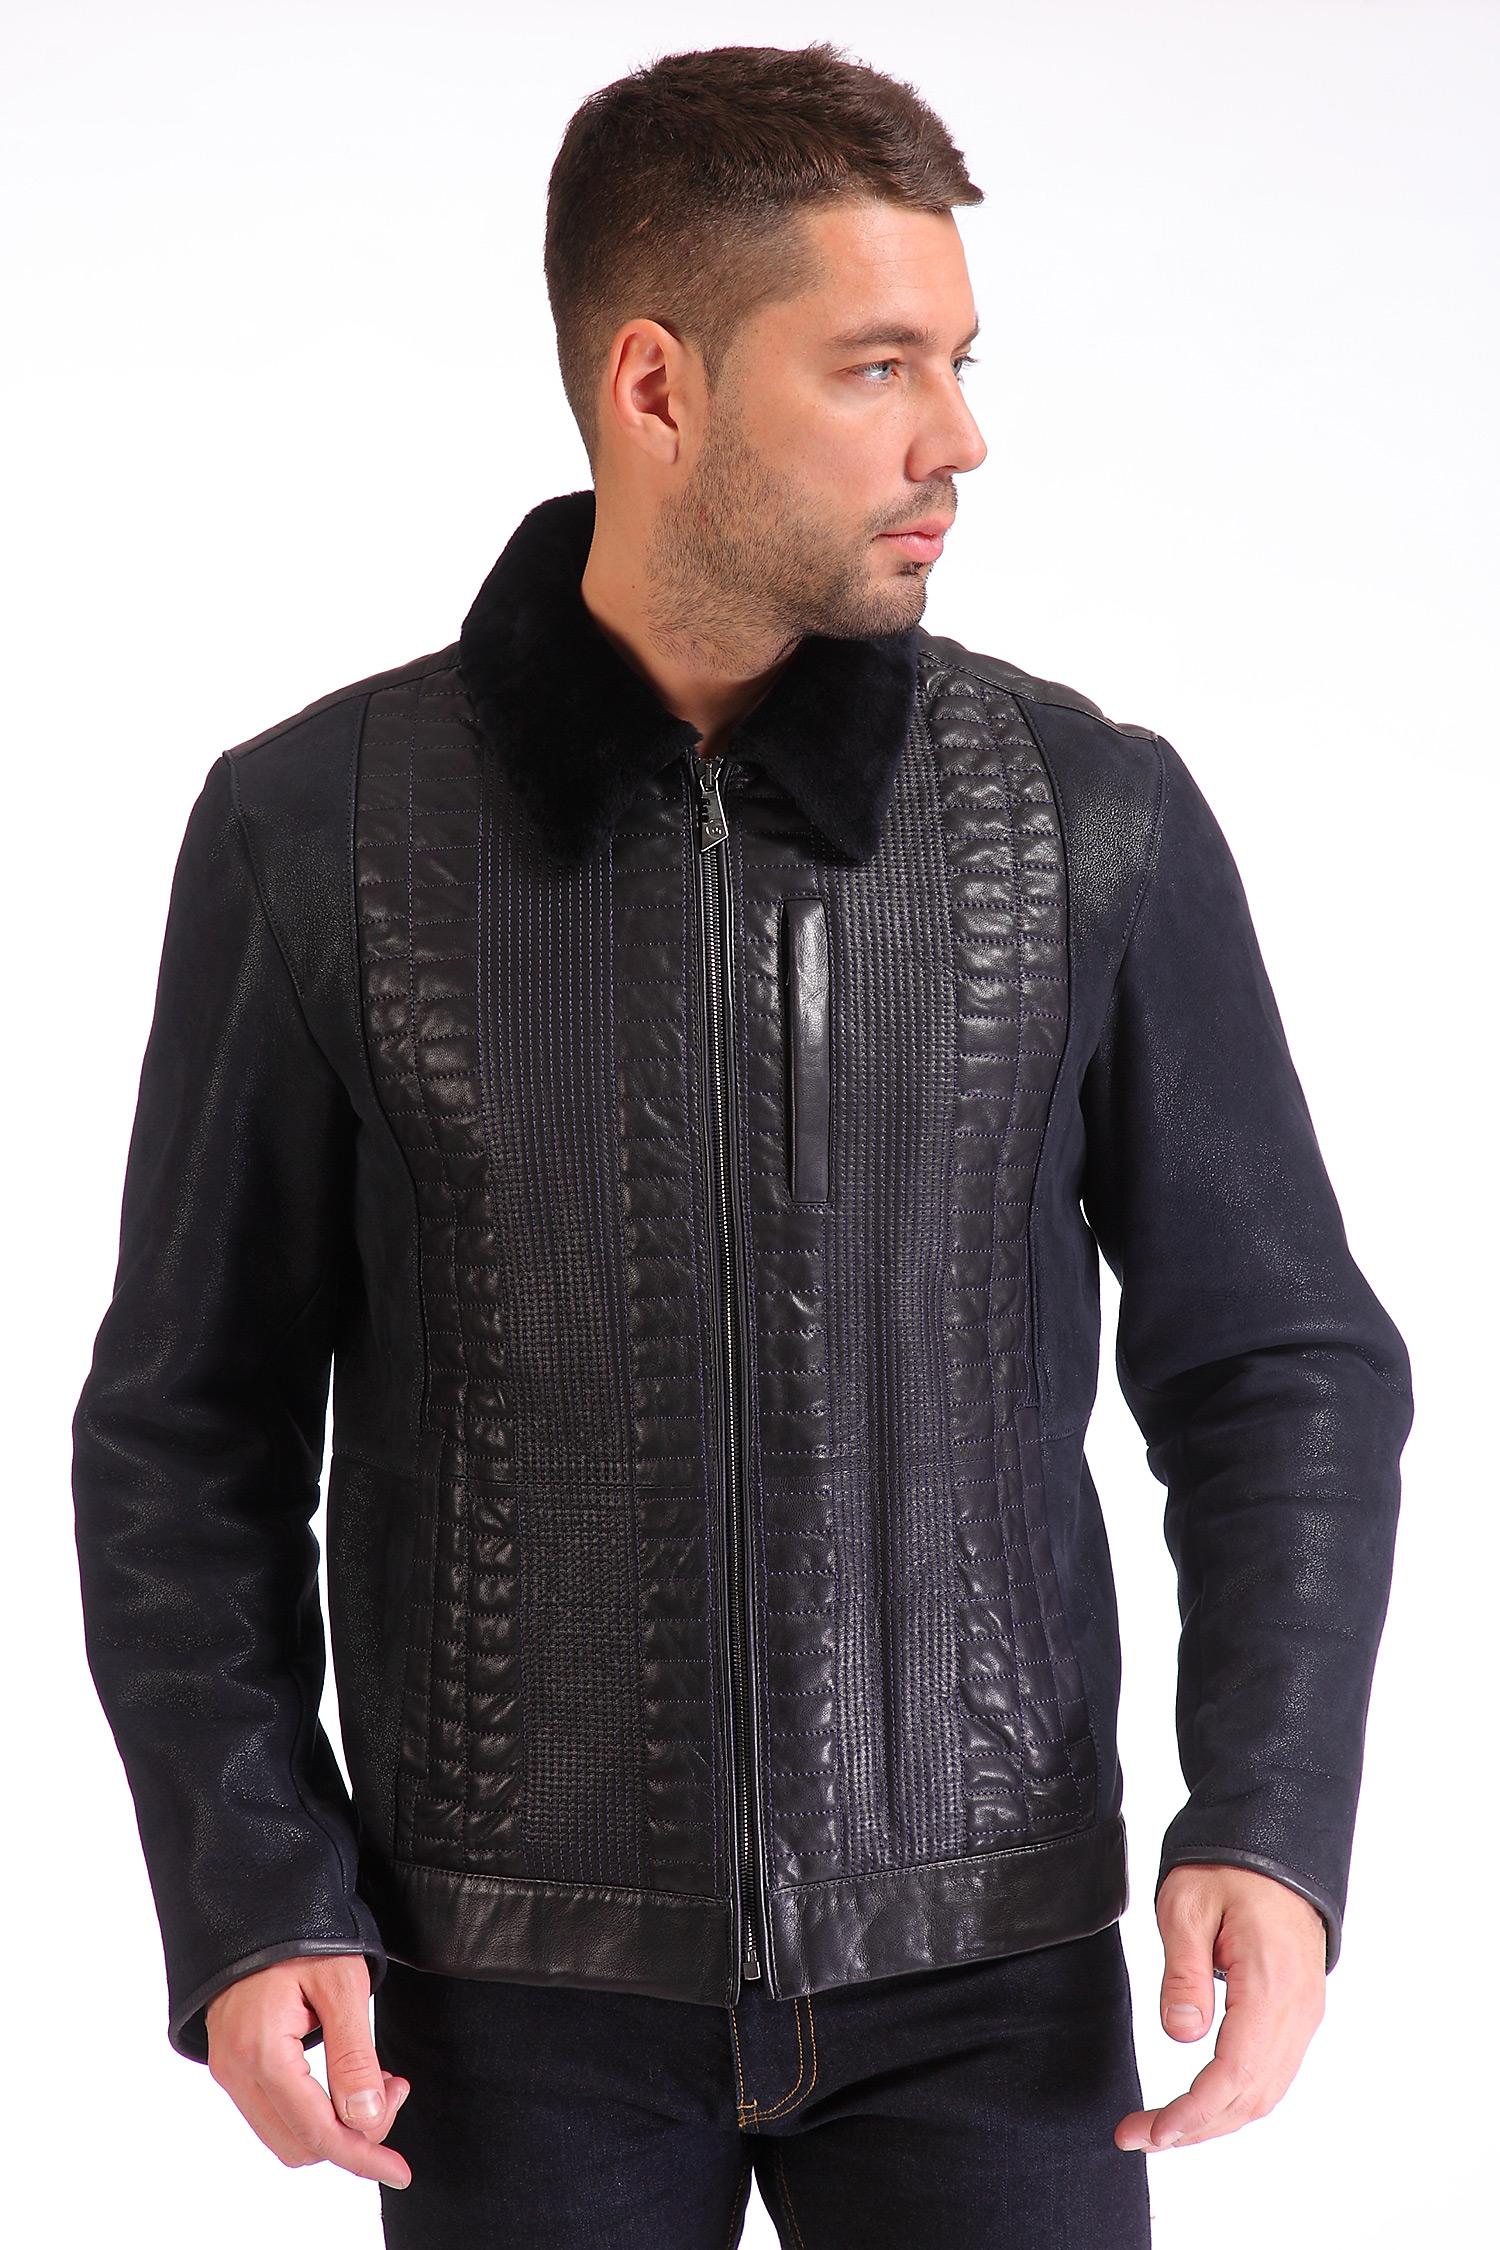 Мужская кожаная куртка из натуральной кожи, отделка овчина